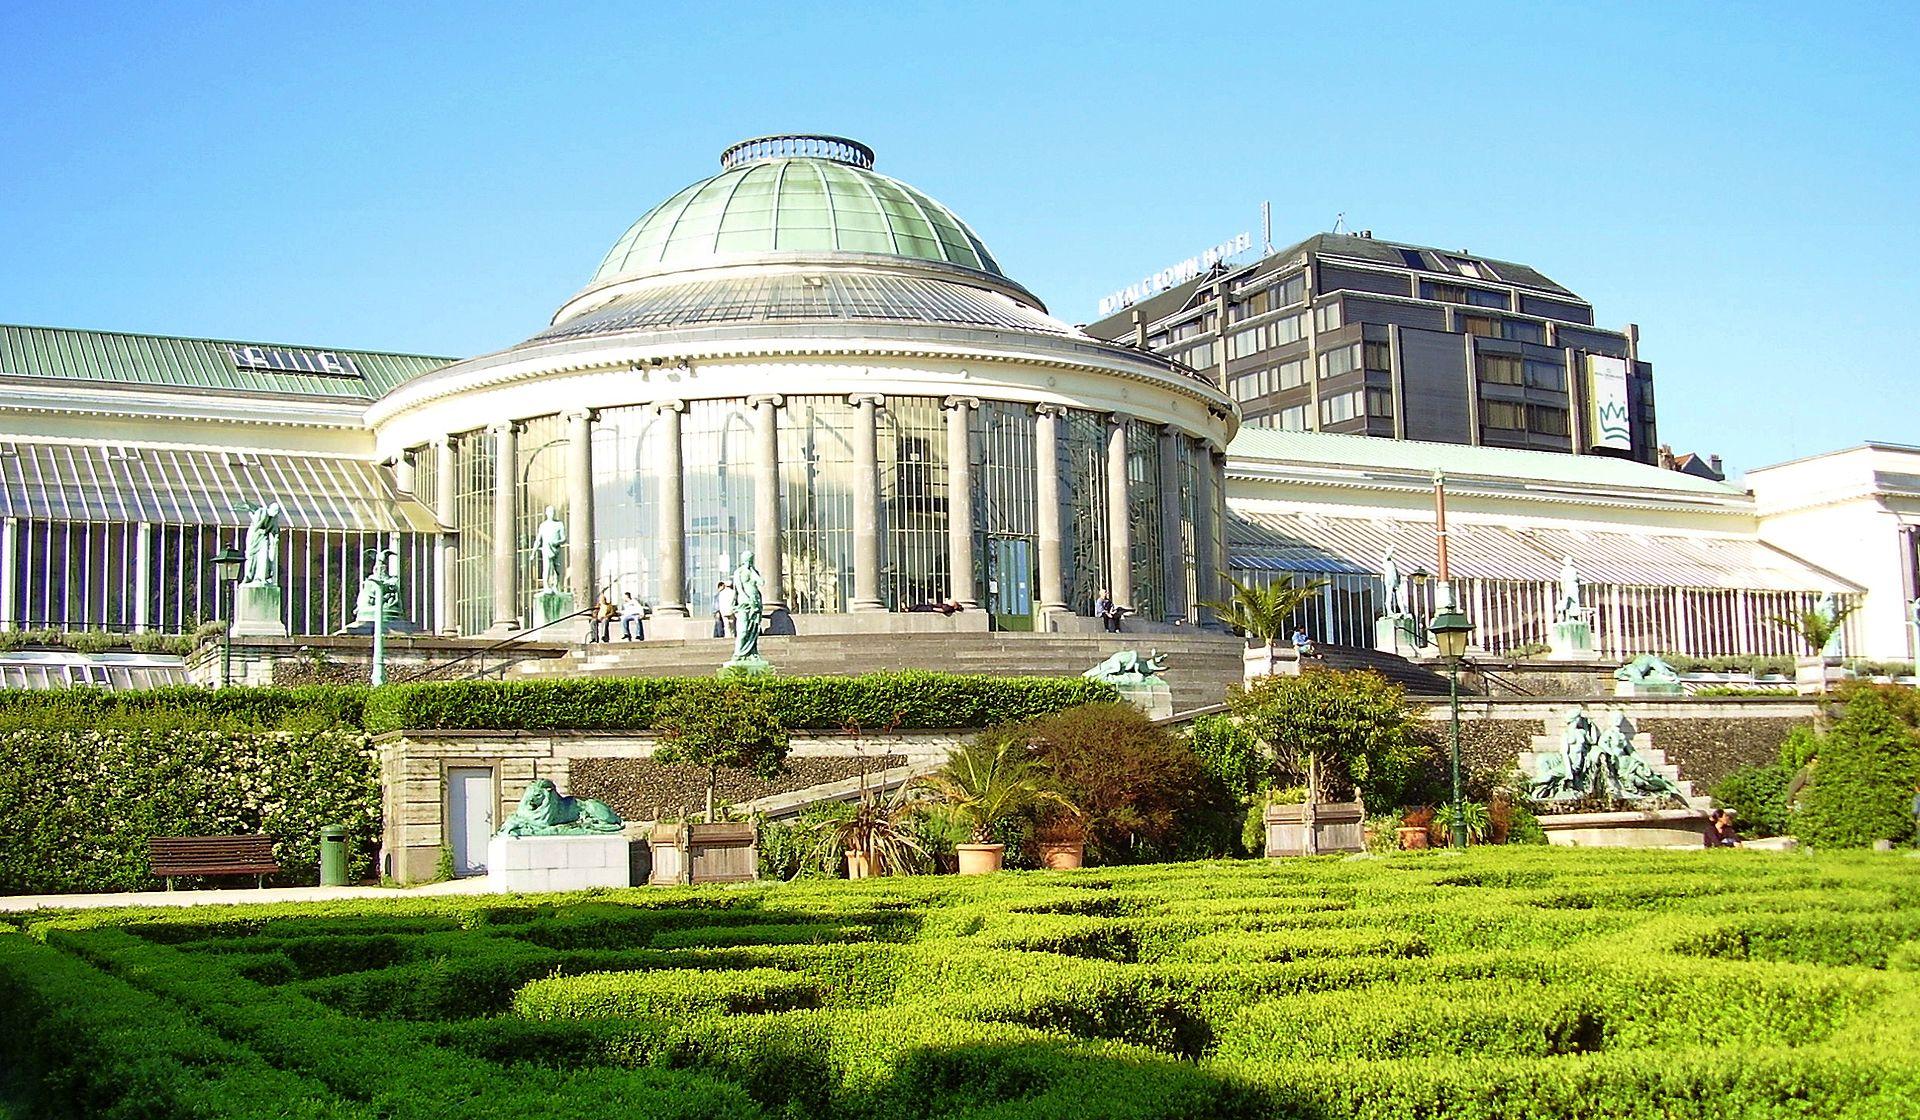 Le botanique wikip dia for Bd du jardin botanique 50 bruxelles